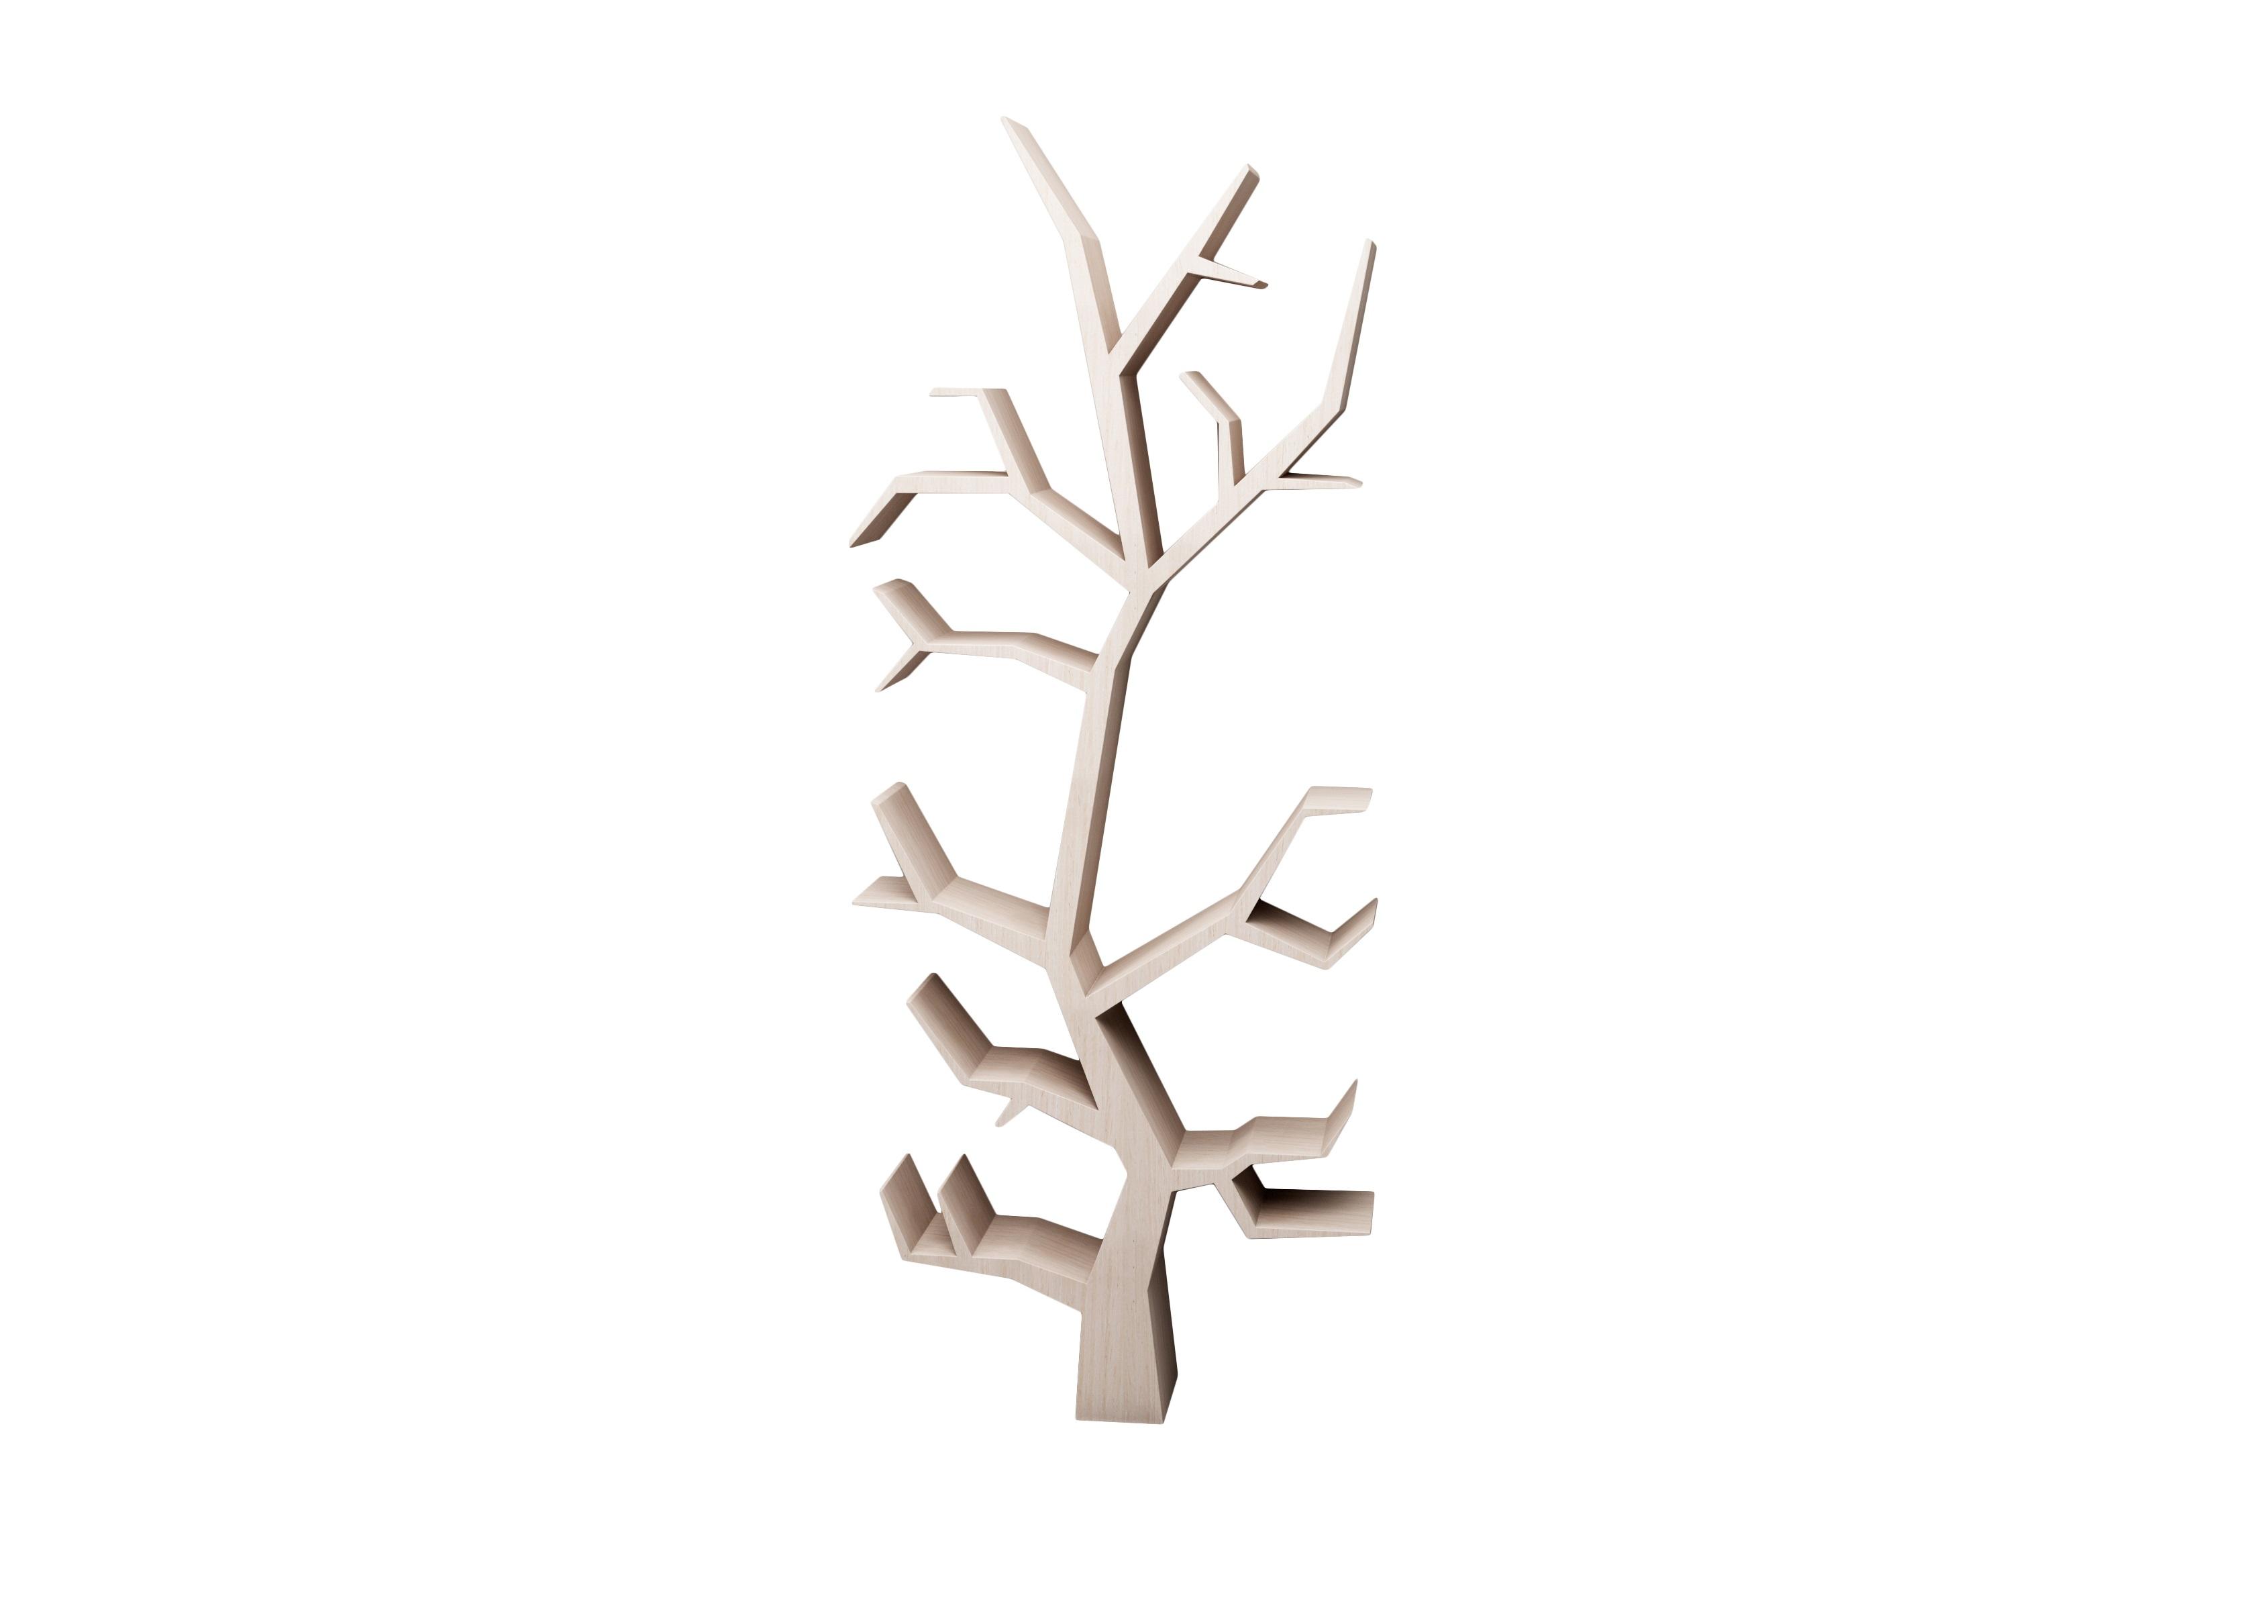 Стеллаж ДеревоСтеллажи и этажерки<br>&amp;lt;div&amp;gt;Креативный стеллаж в виде дерева, удобен для хранения книг и различных мелочей.&amp;amp;nbsp;&amp;lt;/div&amp;gt;&amp;lt;div&amp;gt;&amp;lt;br&amp;gt;&amp;lt;/div&amp;gt;&amp;lt;div&amp;gt;Материал: МДФ, шпон&amp;amp;nbsp;&amp;lt;/div&amp;gt;<br><br>Material: МДФ<br>Width см: 89<br>Depth см: 24<br>Height см: 229